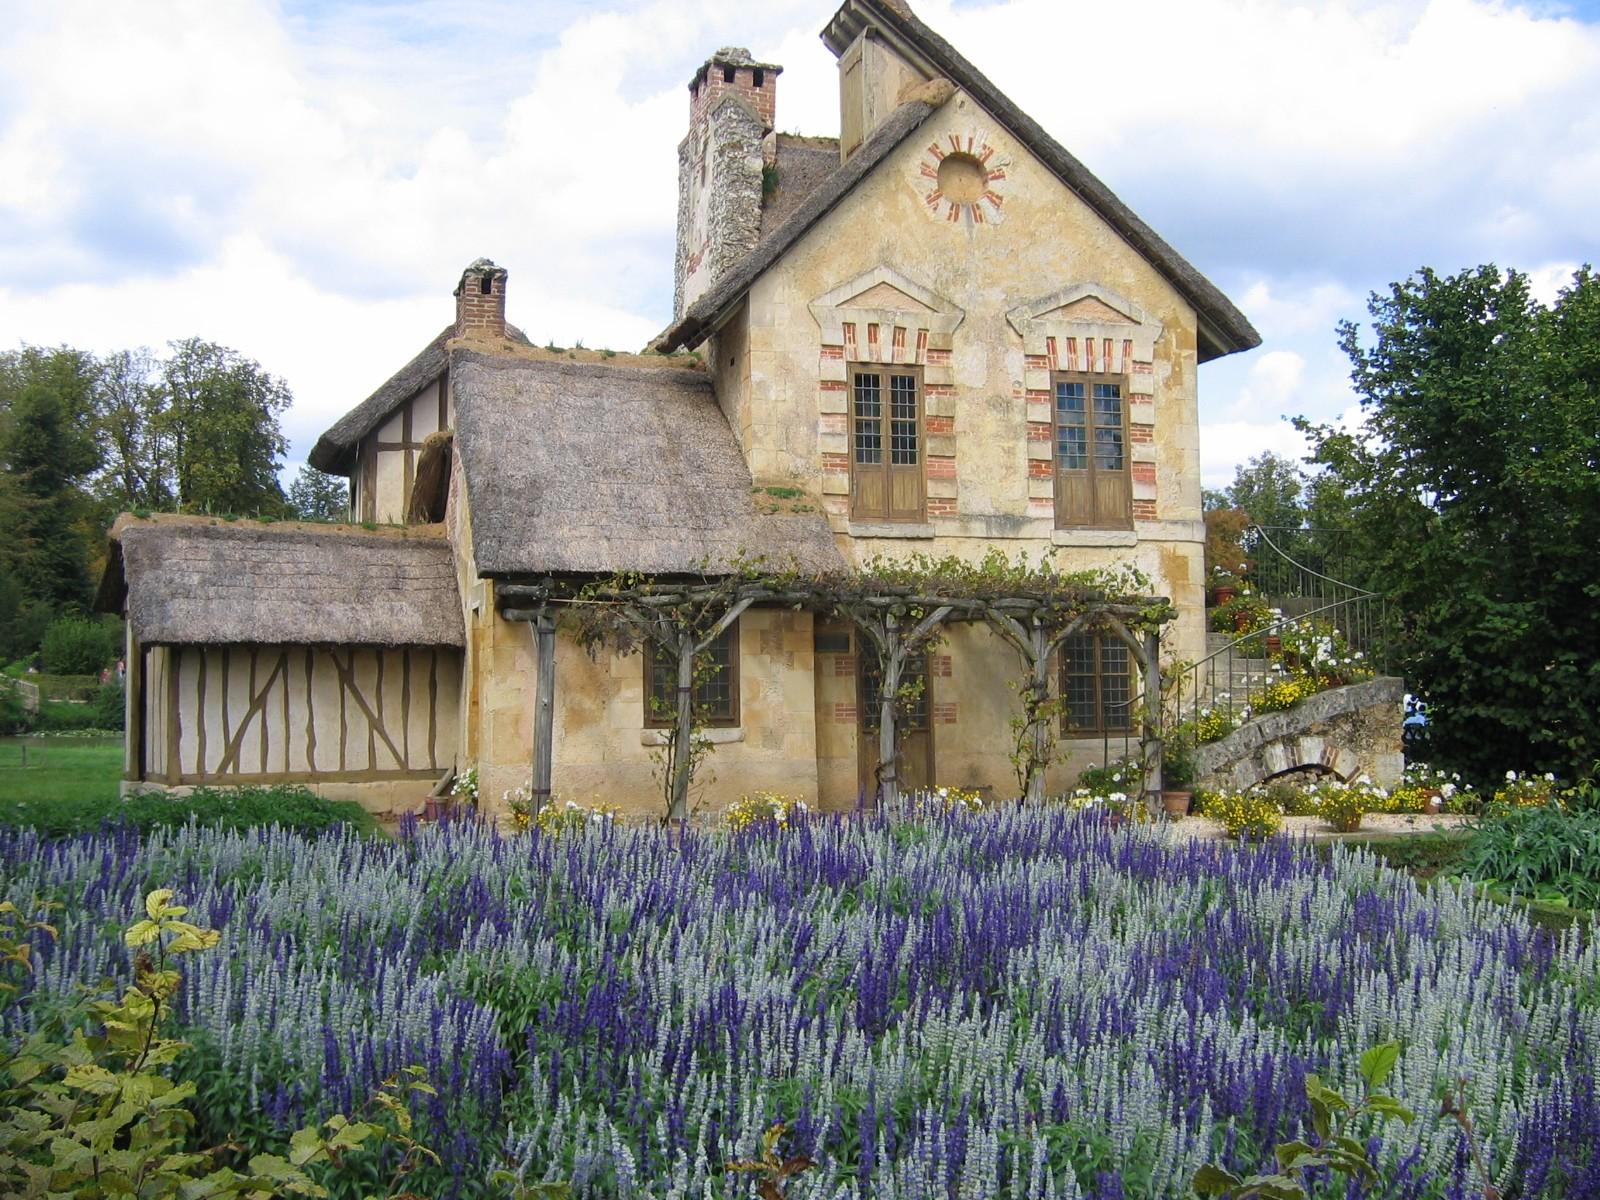 Chateau de versailles marie antoinette